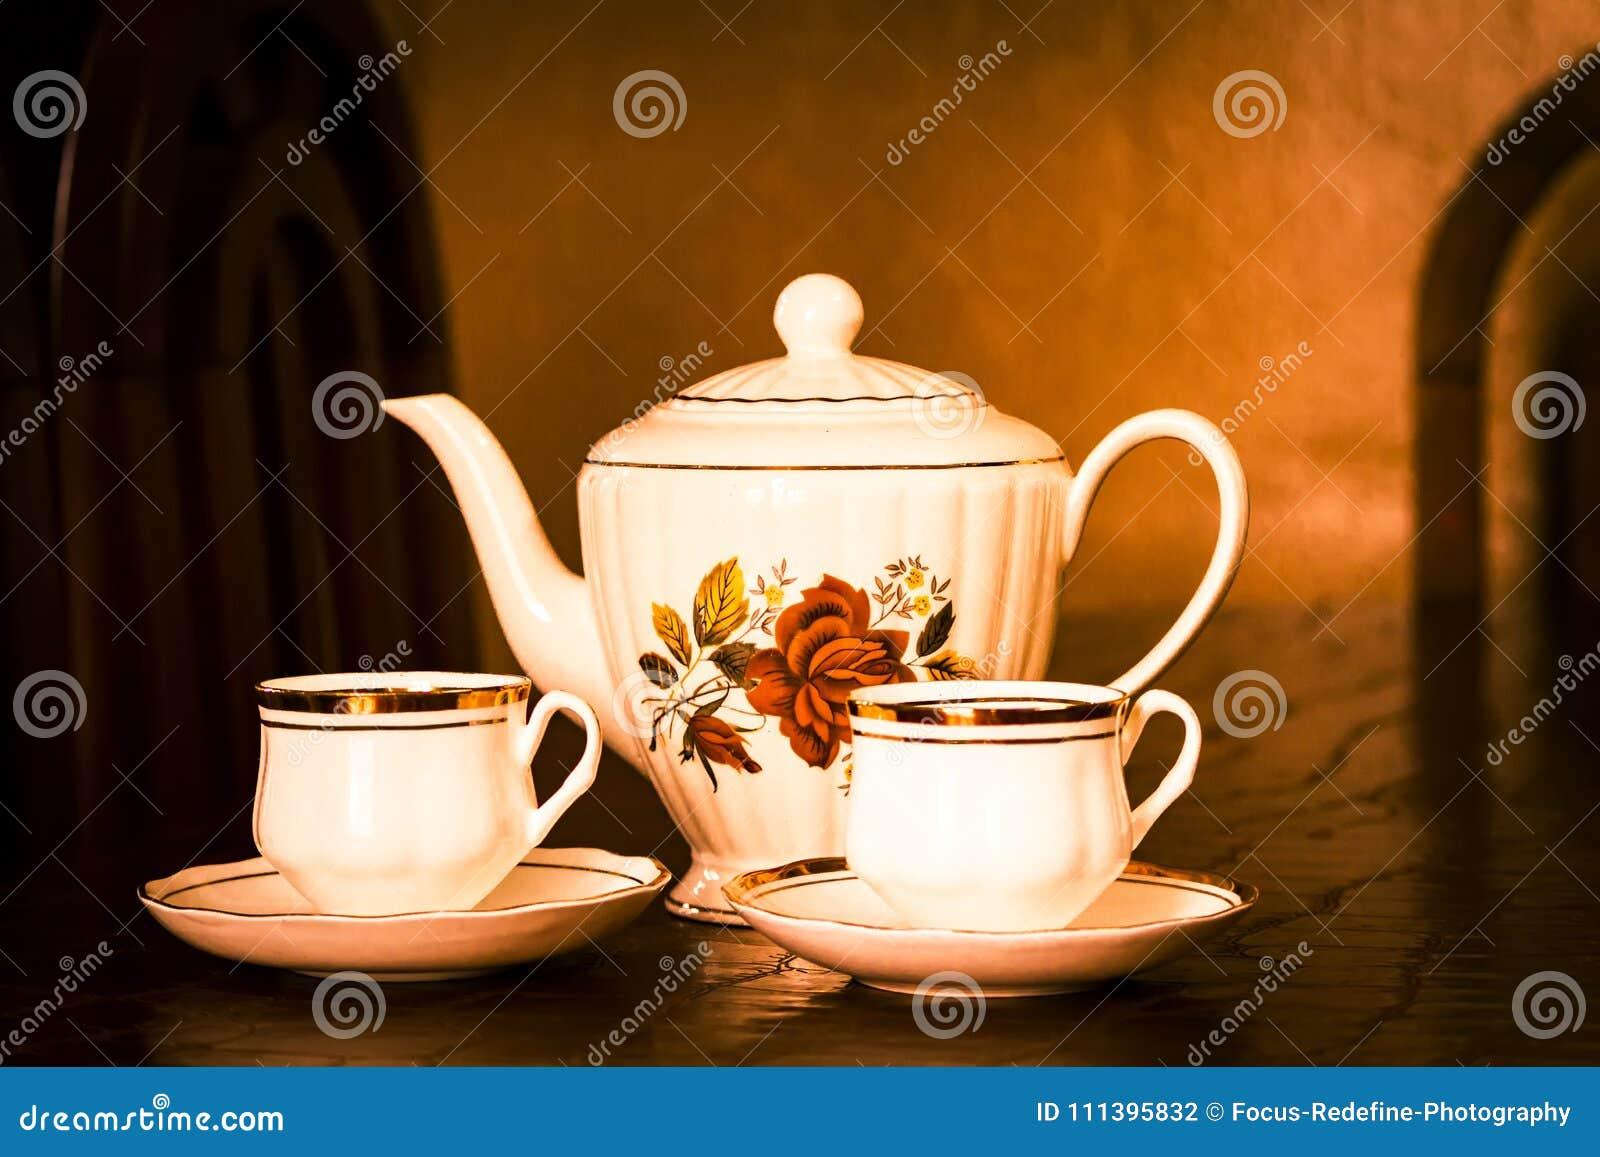 Theetijd: Mooie theepot met twee kop theeën